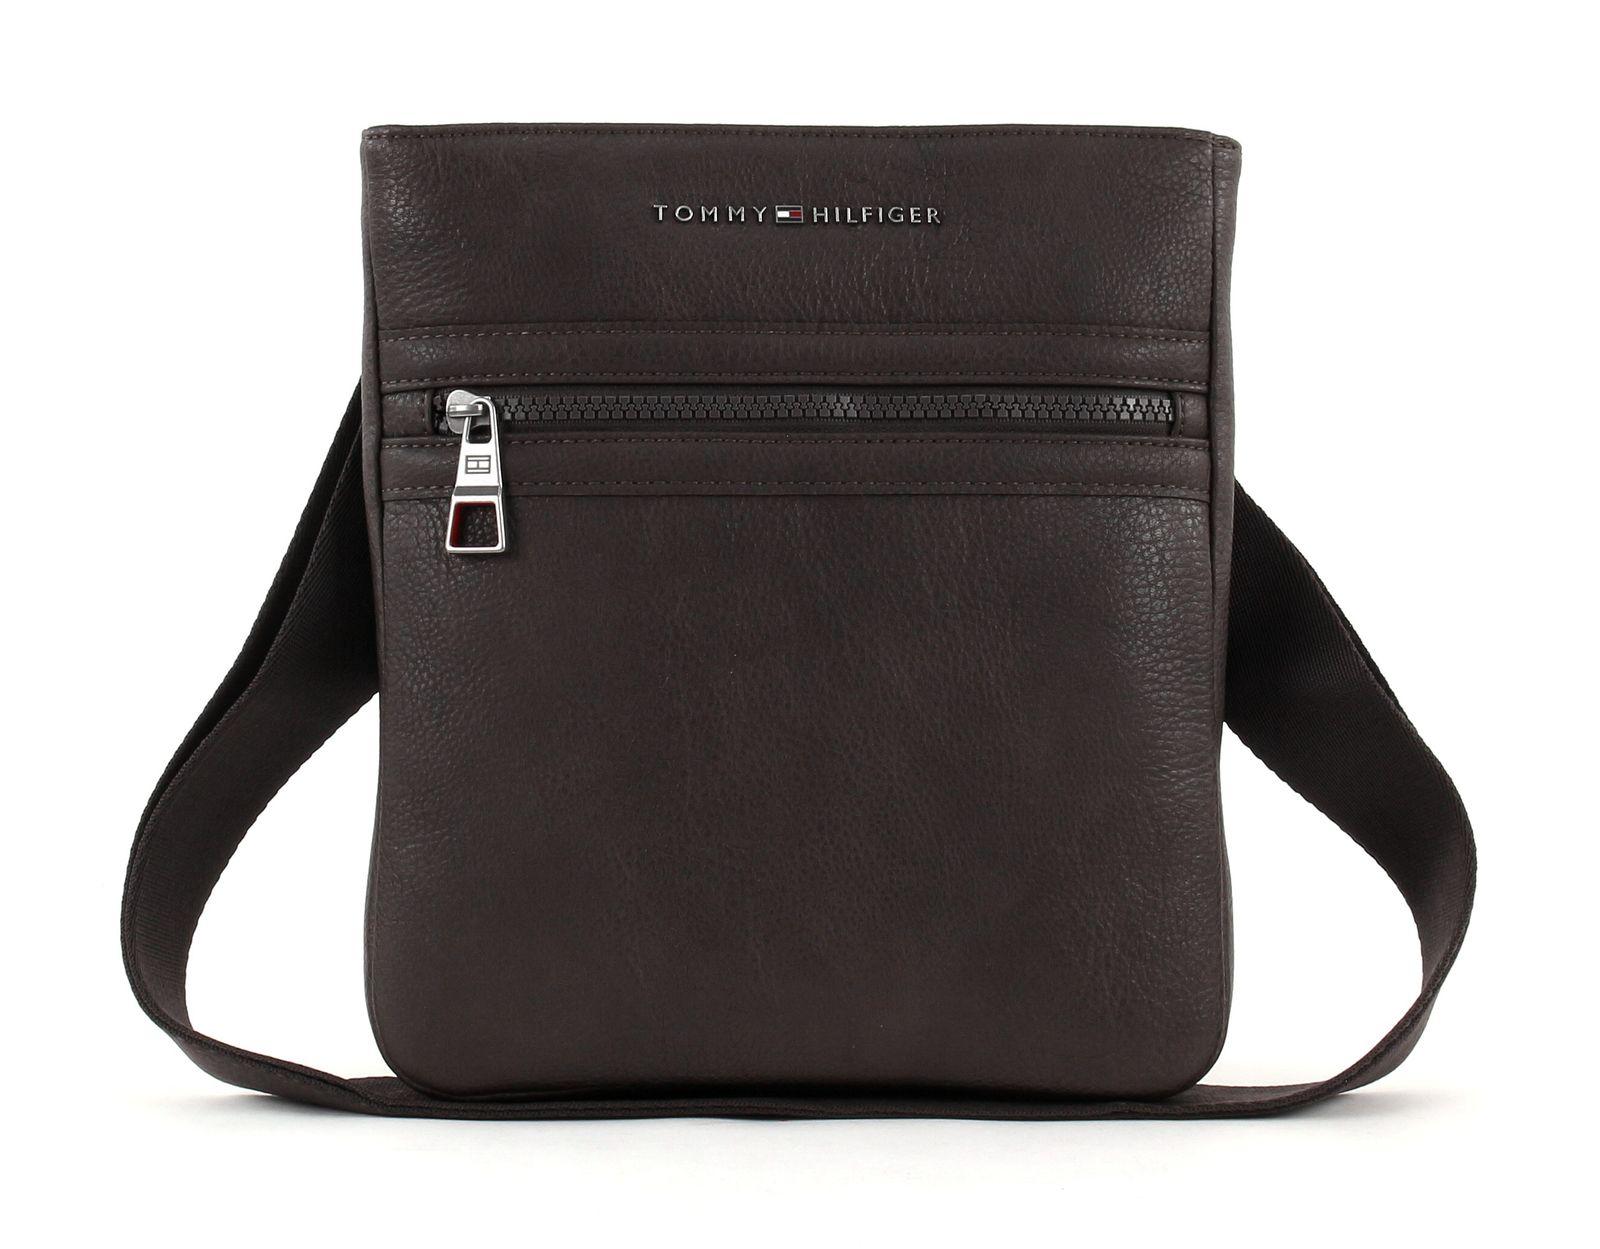 tommy hilfiger cross body bag essential flat crossover. Black Bedroom Furniture Sets. Home Design Ideas